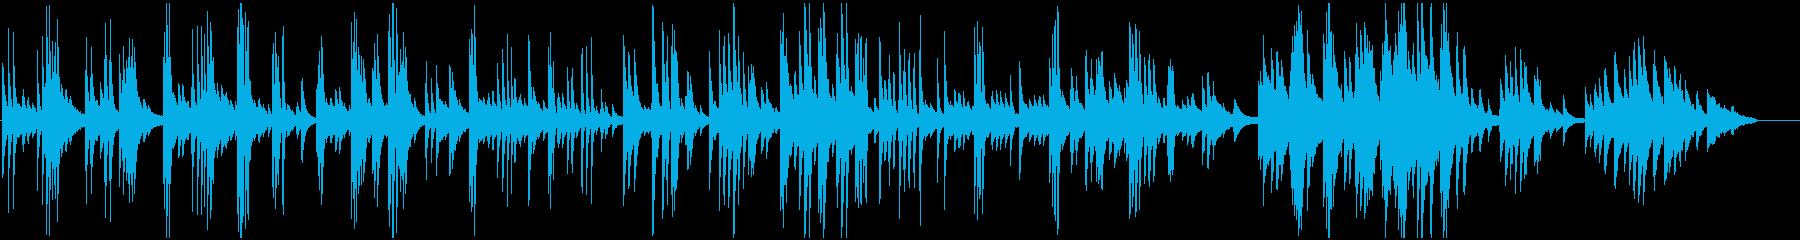 ピアノ一本によるバラード調の曲の再生済みの波形